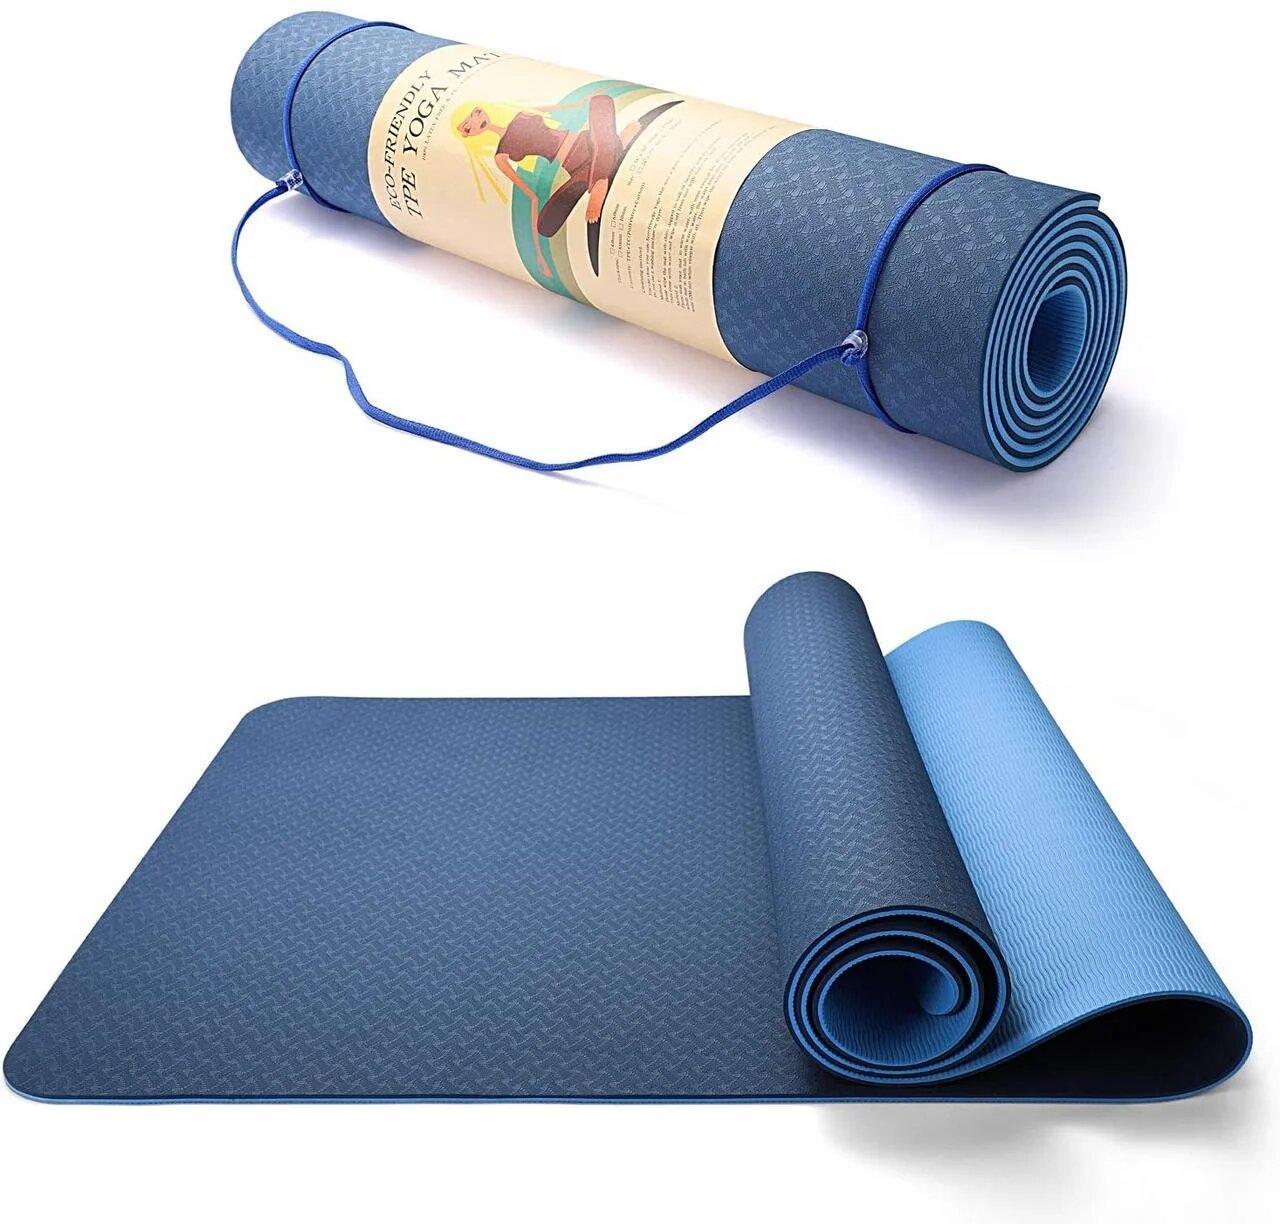 Коврик для йоги Power System Fitness Yoga коврик для занятия спортом и фитнеса, гимнастический каремат, мат